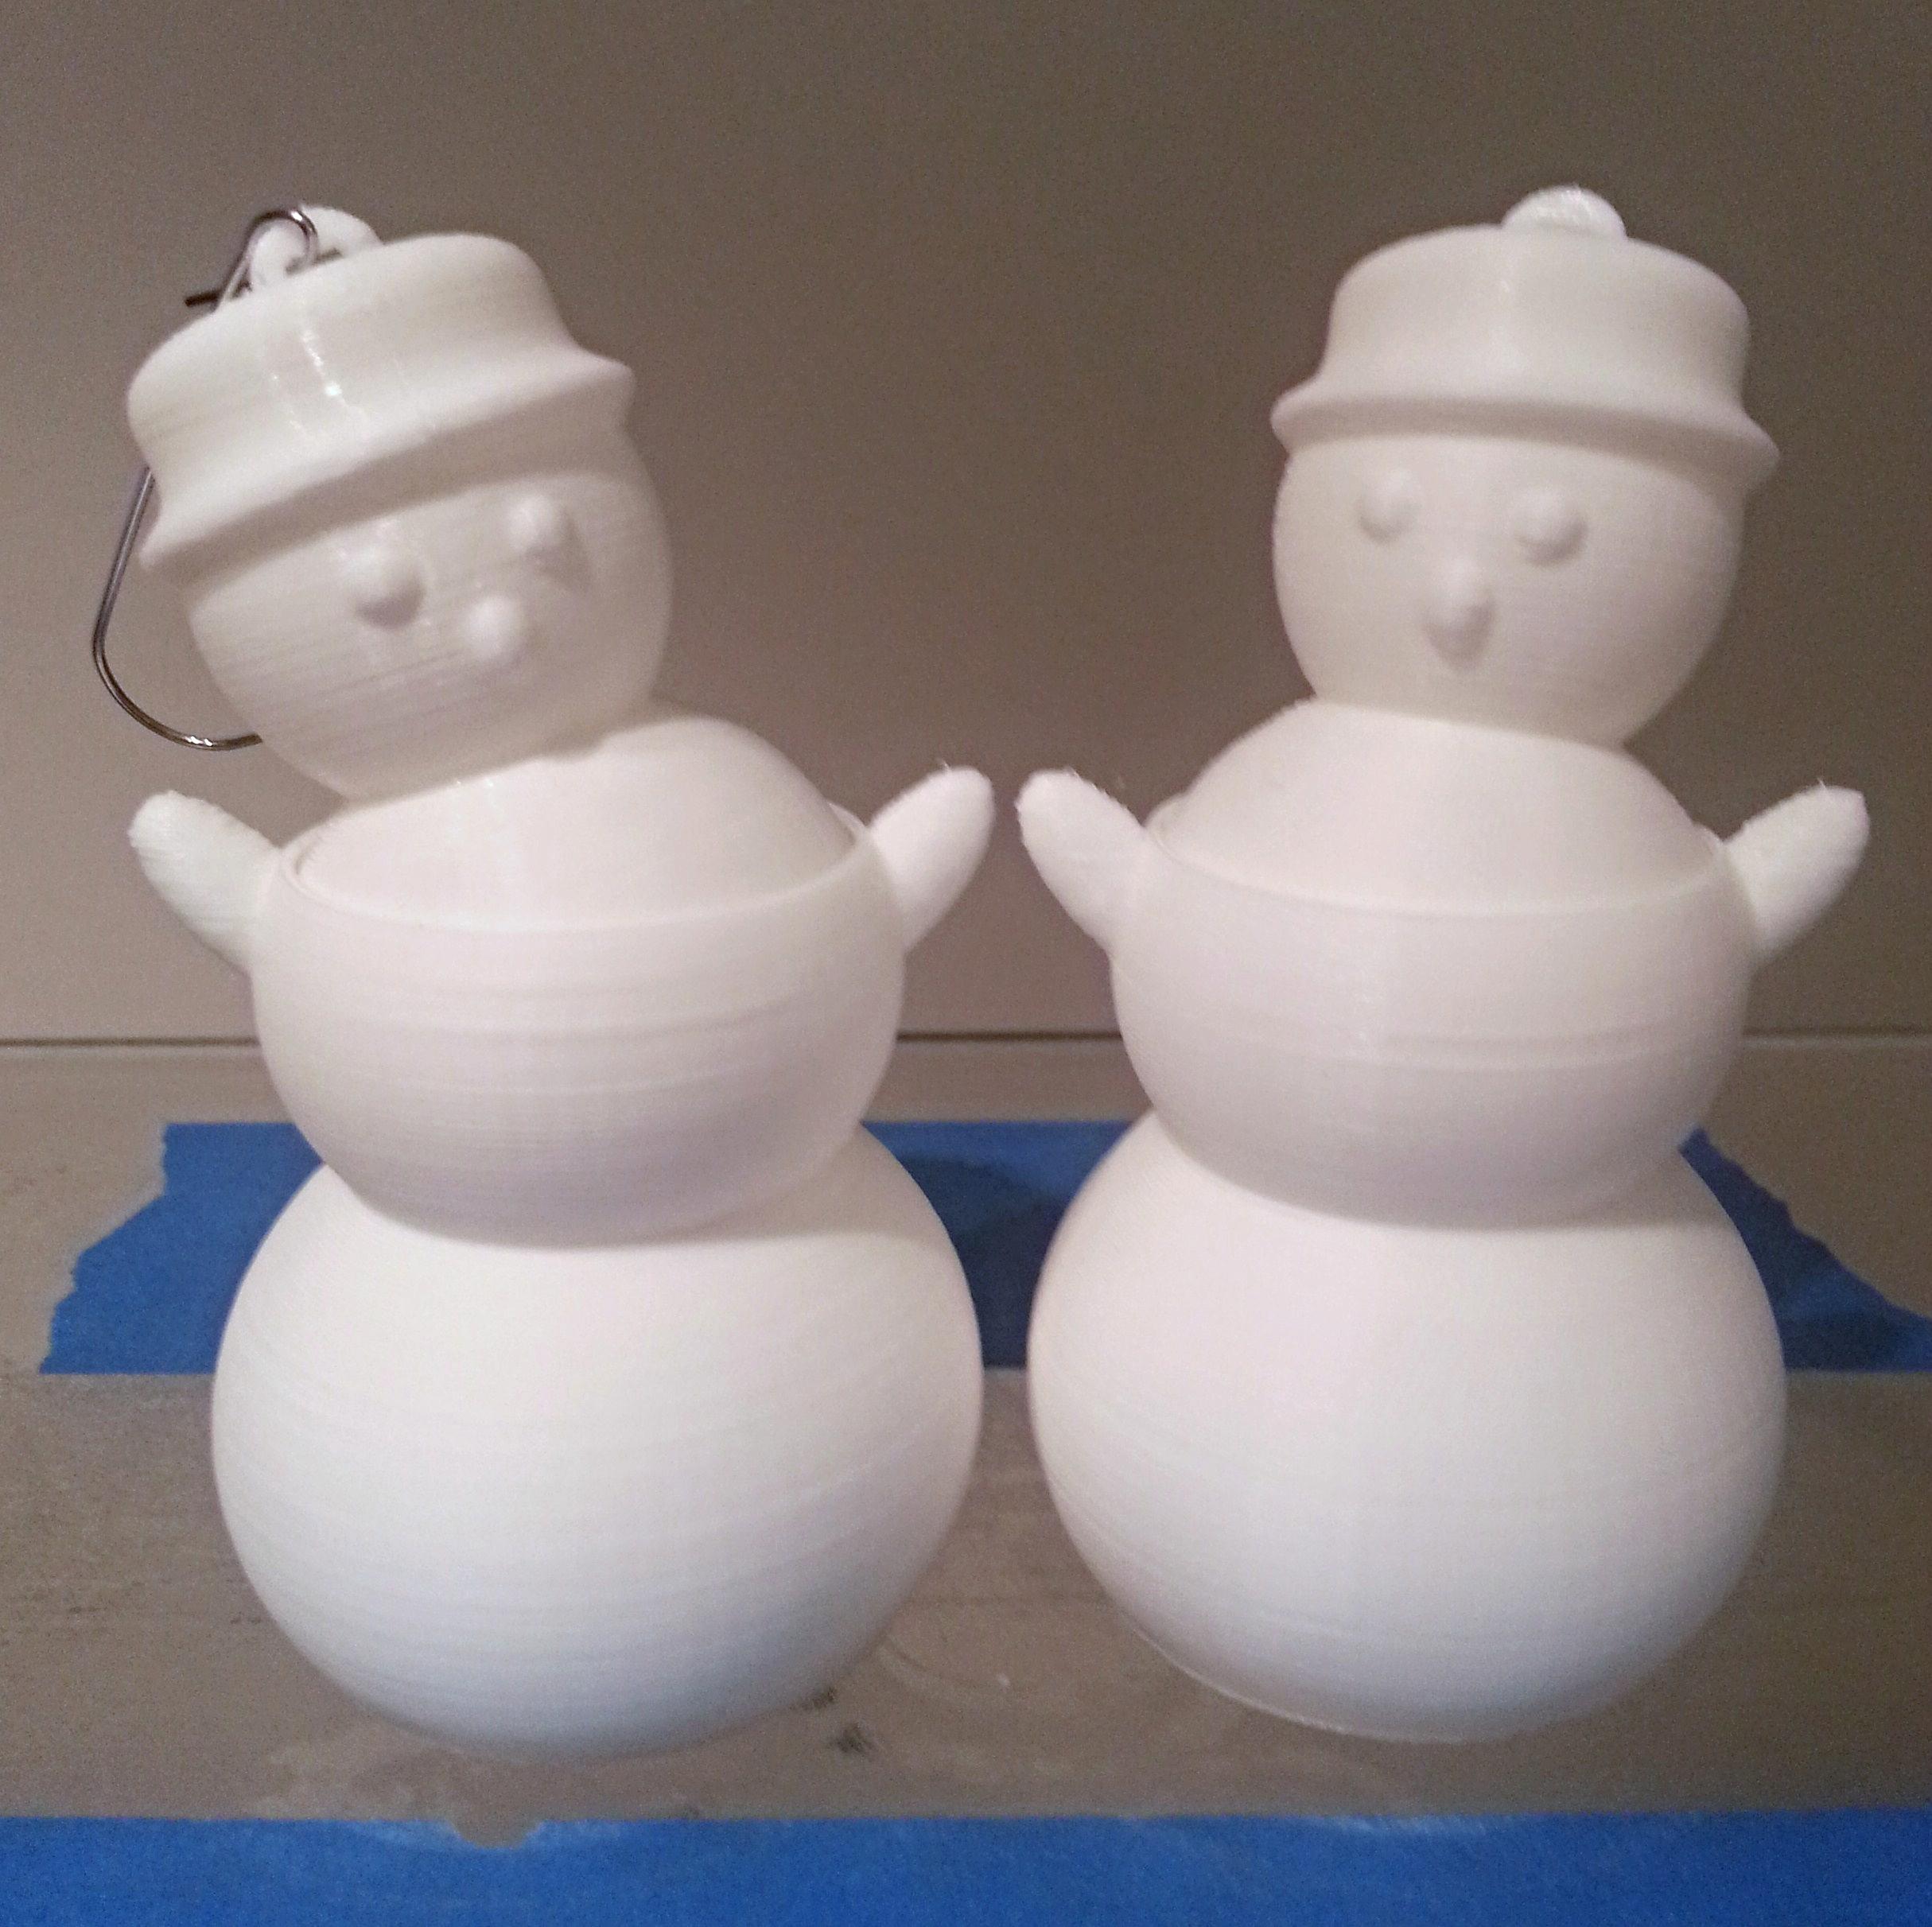 Dancing Snowman Ornaments